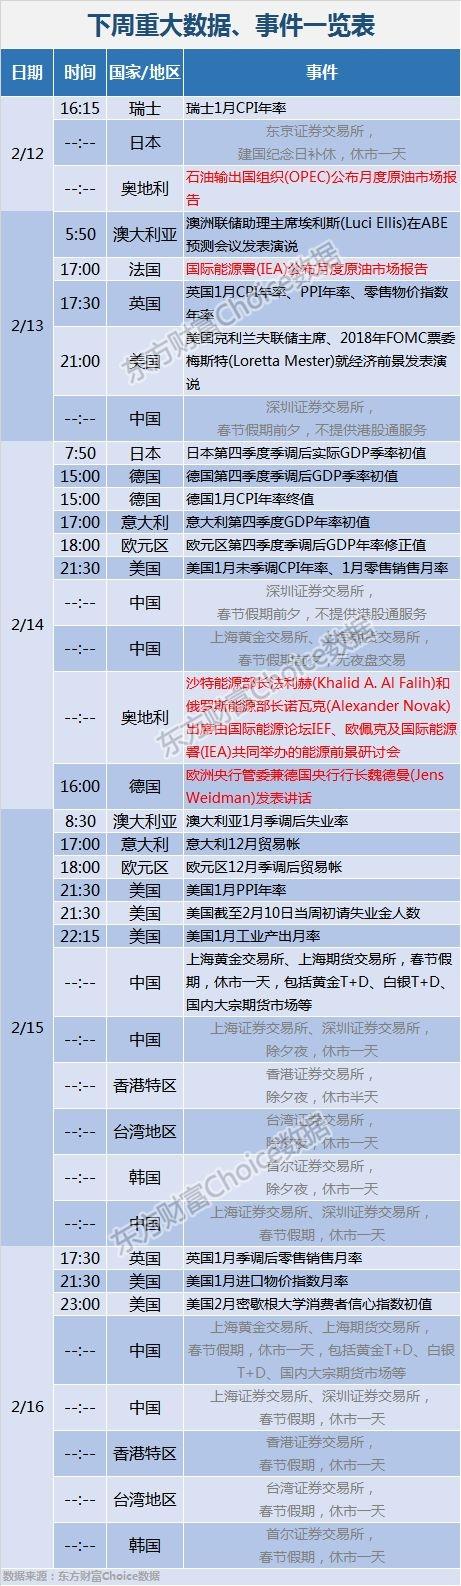 最新股市投资日历:华夏航空等3只新股下周申购(附解禁股名单)